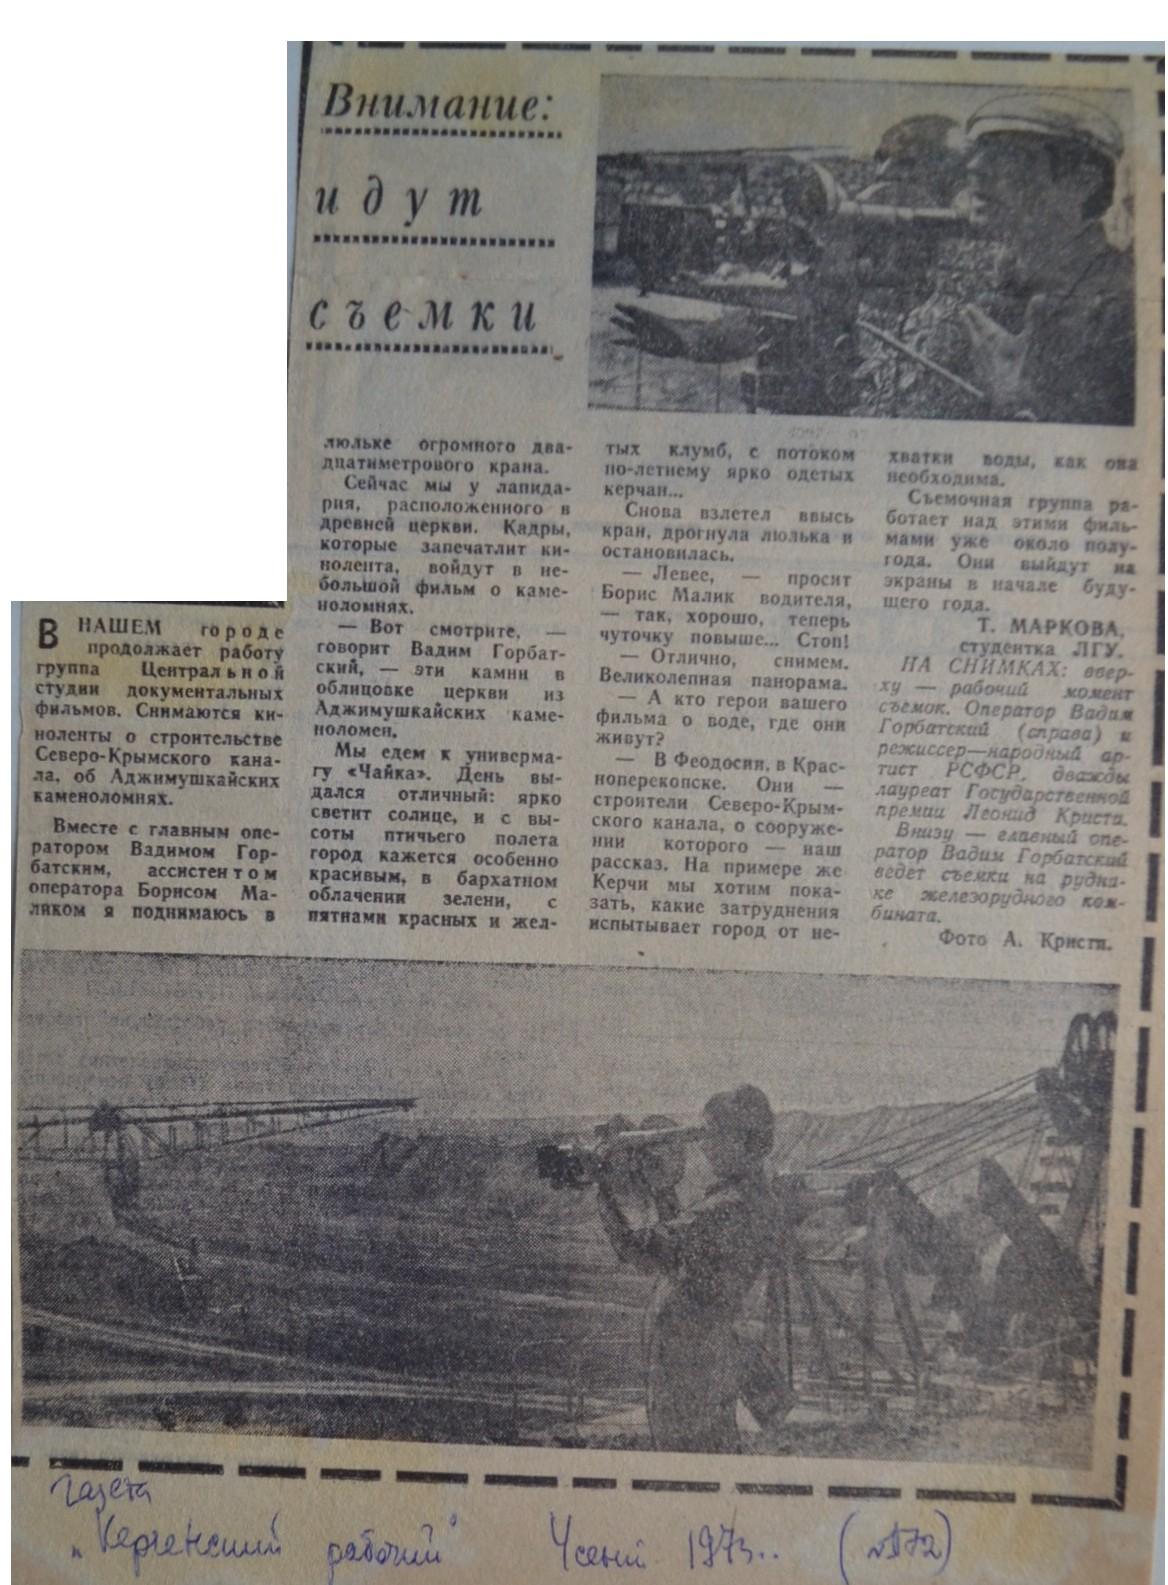 """Экспонат #36. Газета """"Керченский рабочий"""" (№ 172), 4 сентября 1973 года."""